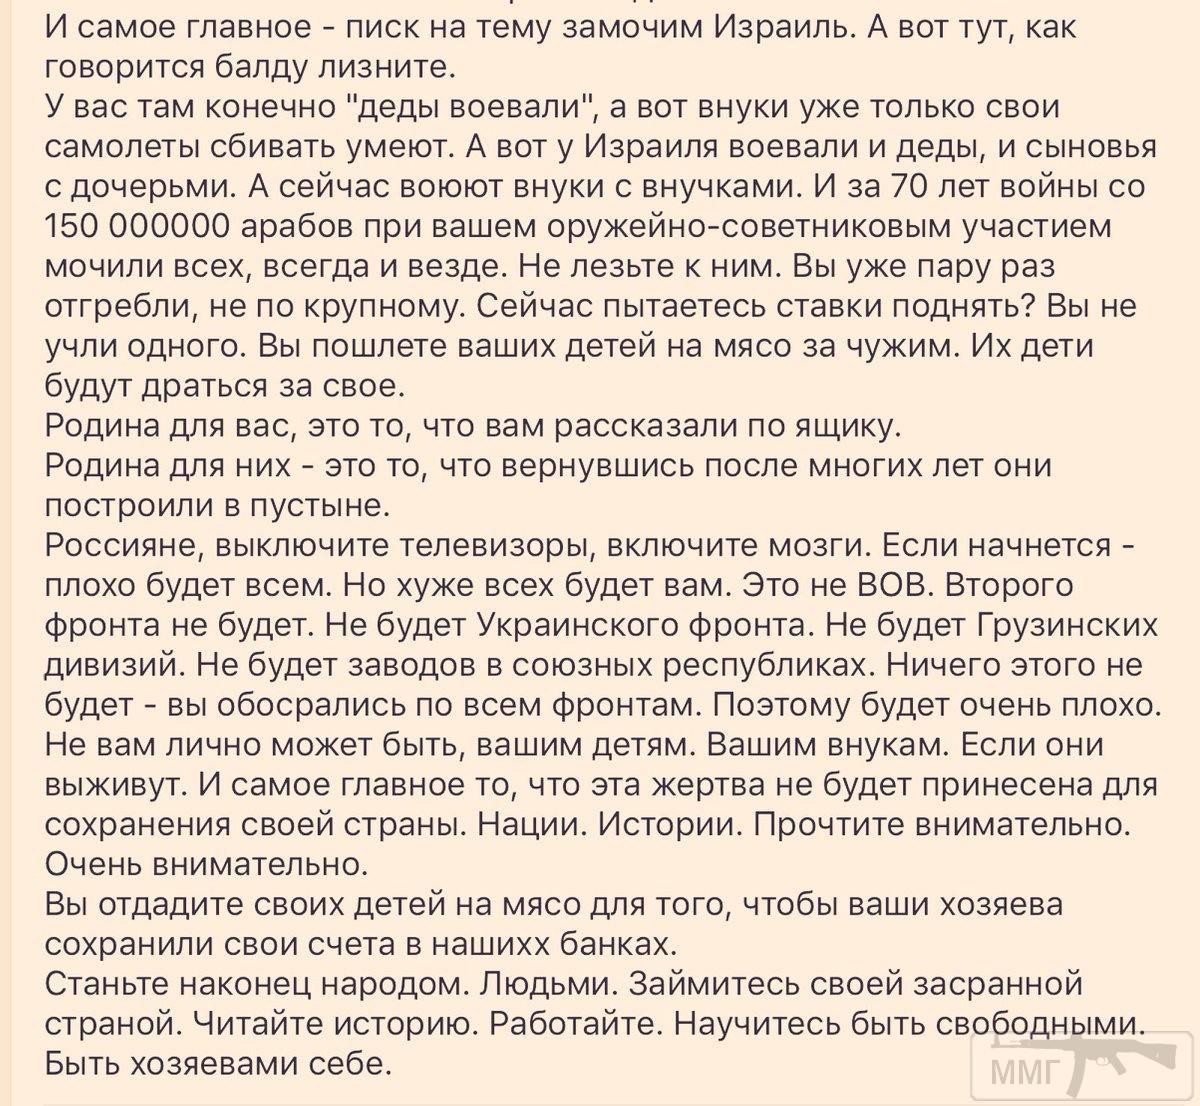 36303 - А в России чудеса!